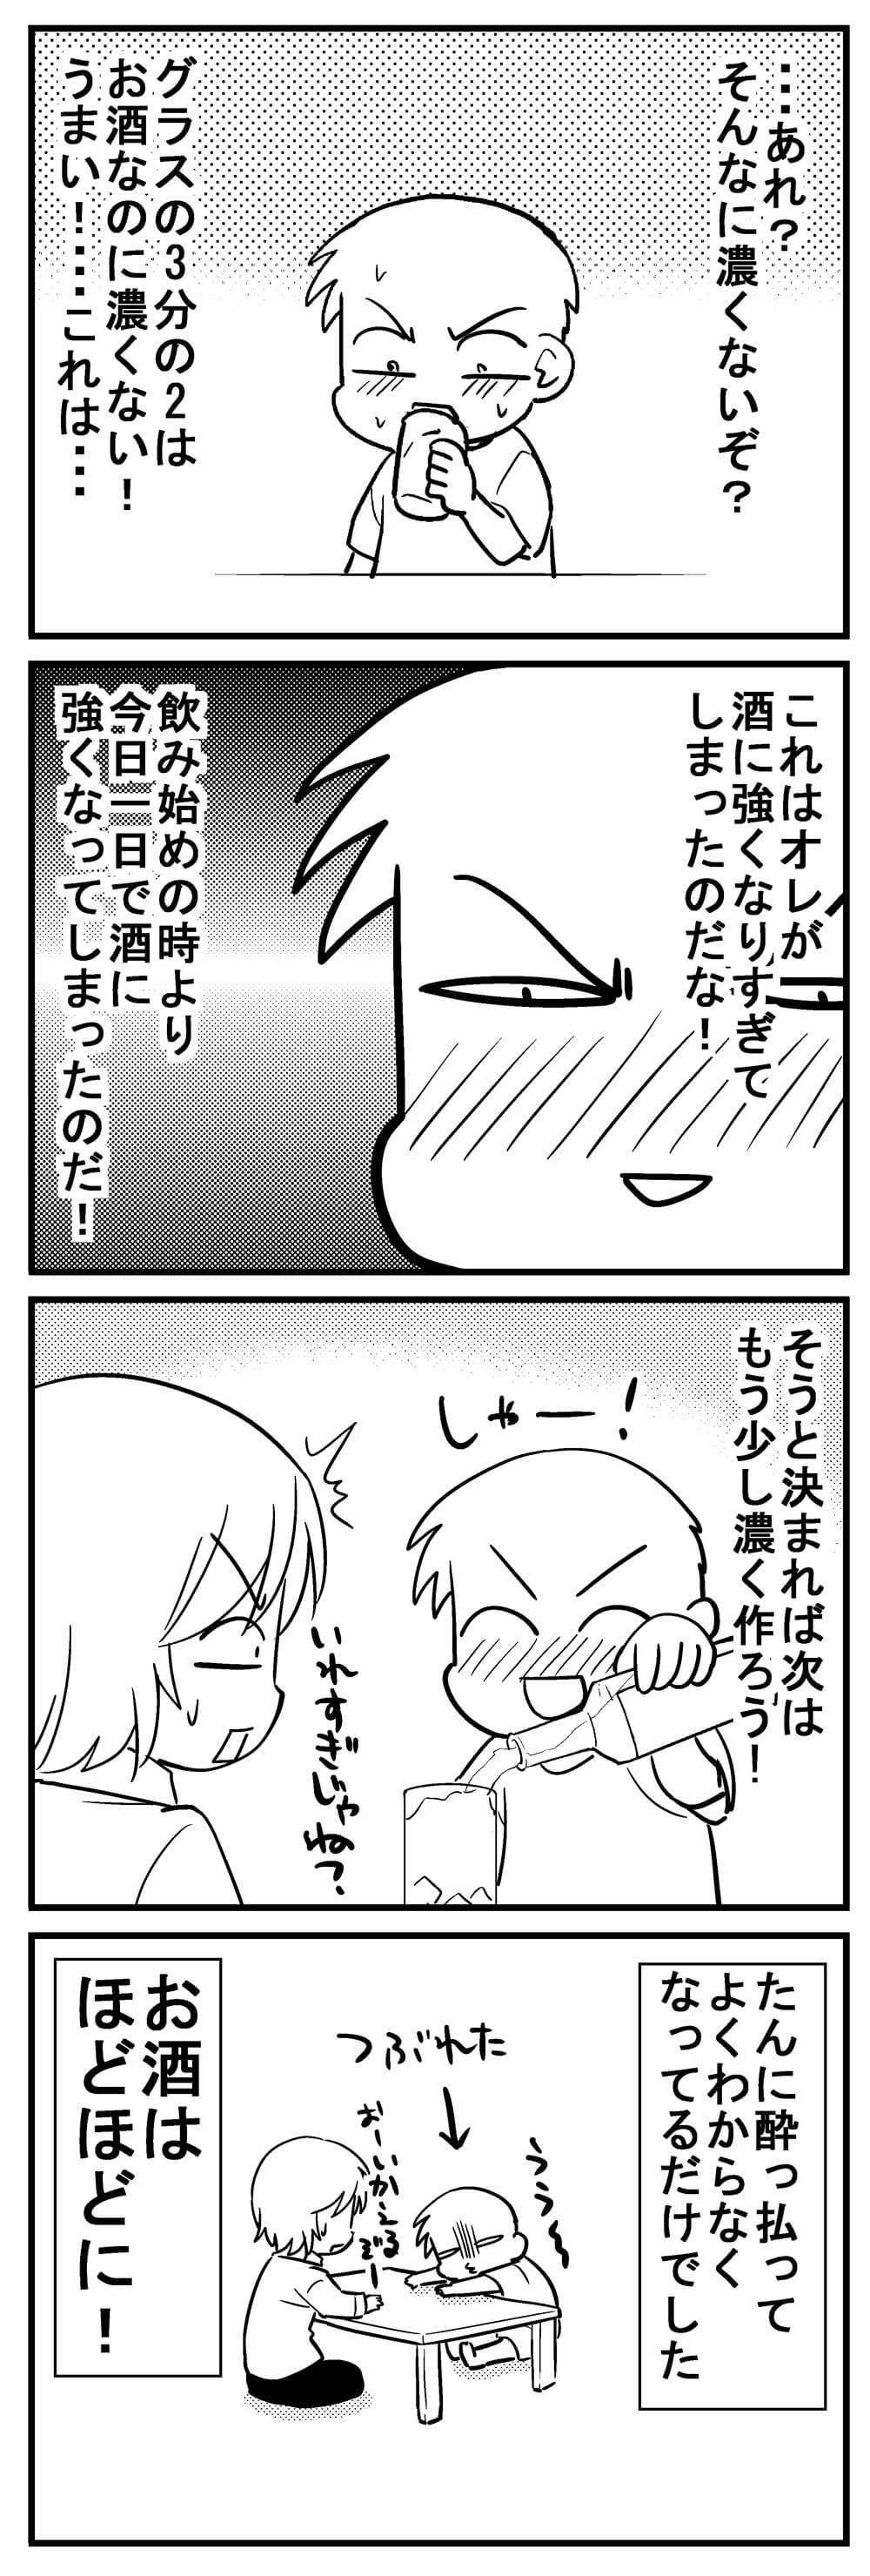 深読みくん150-2